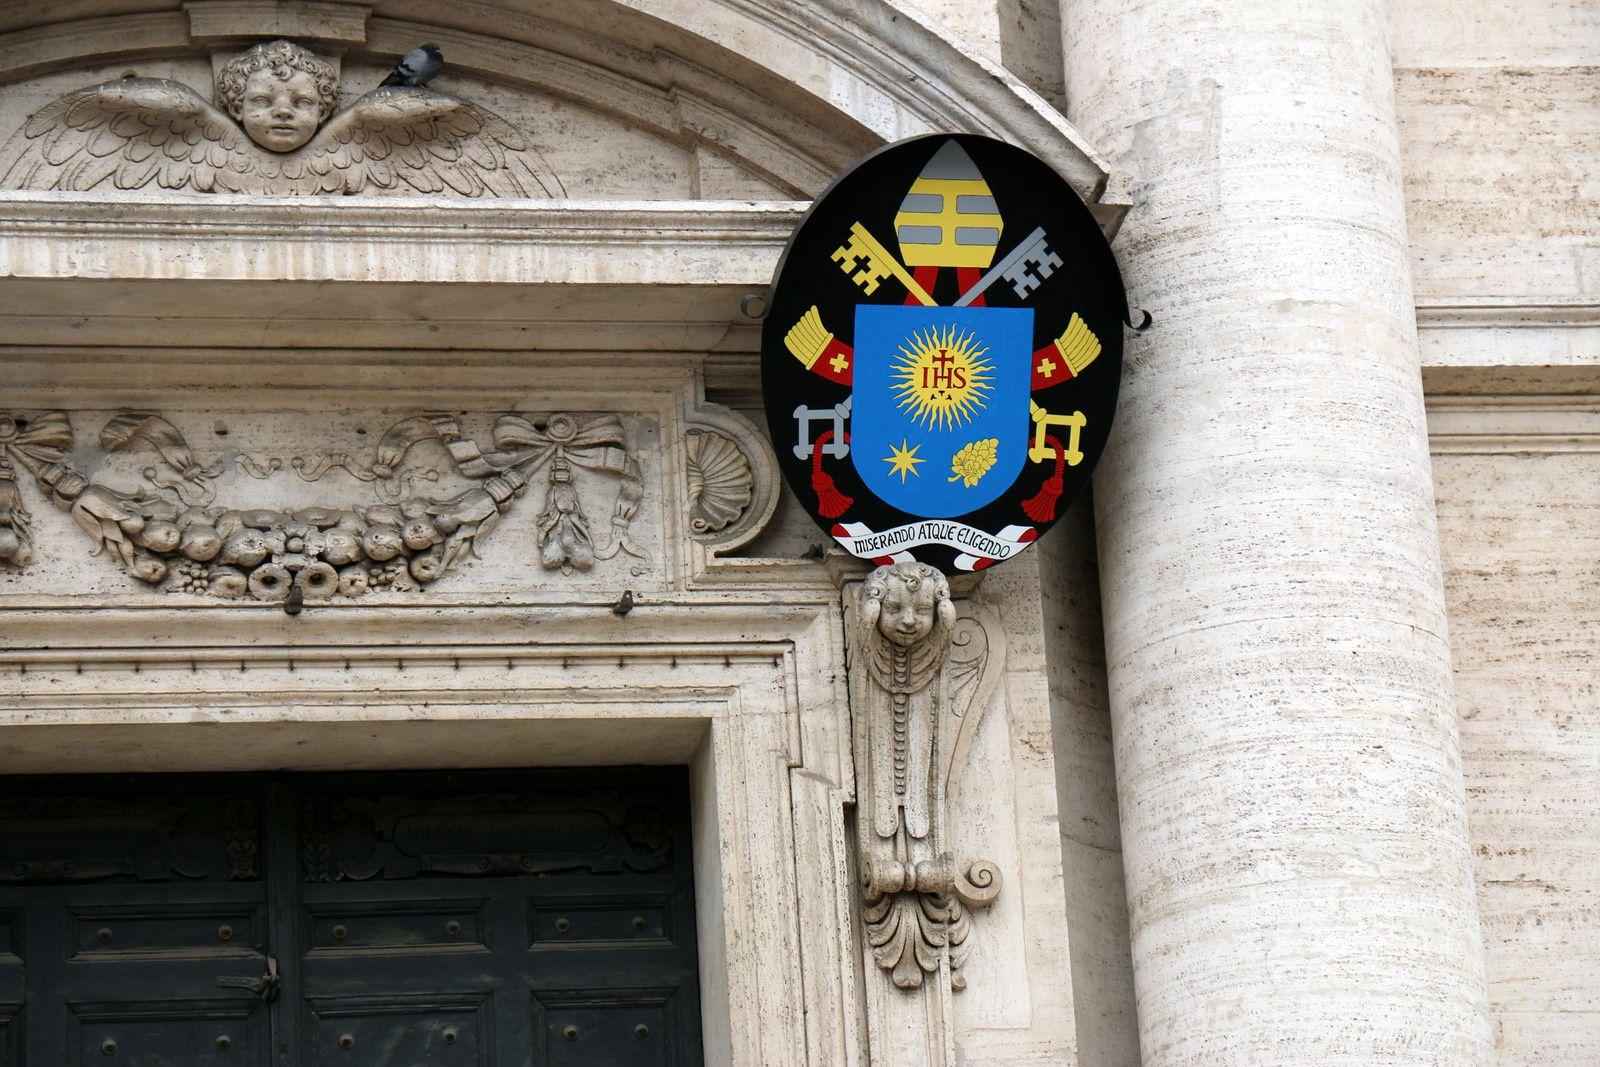 Façade de l'église de Gesu, Rome